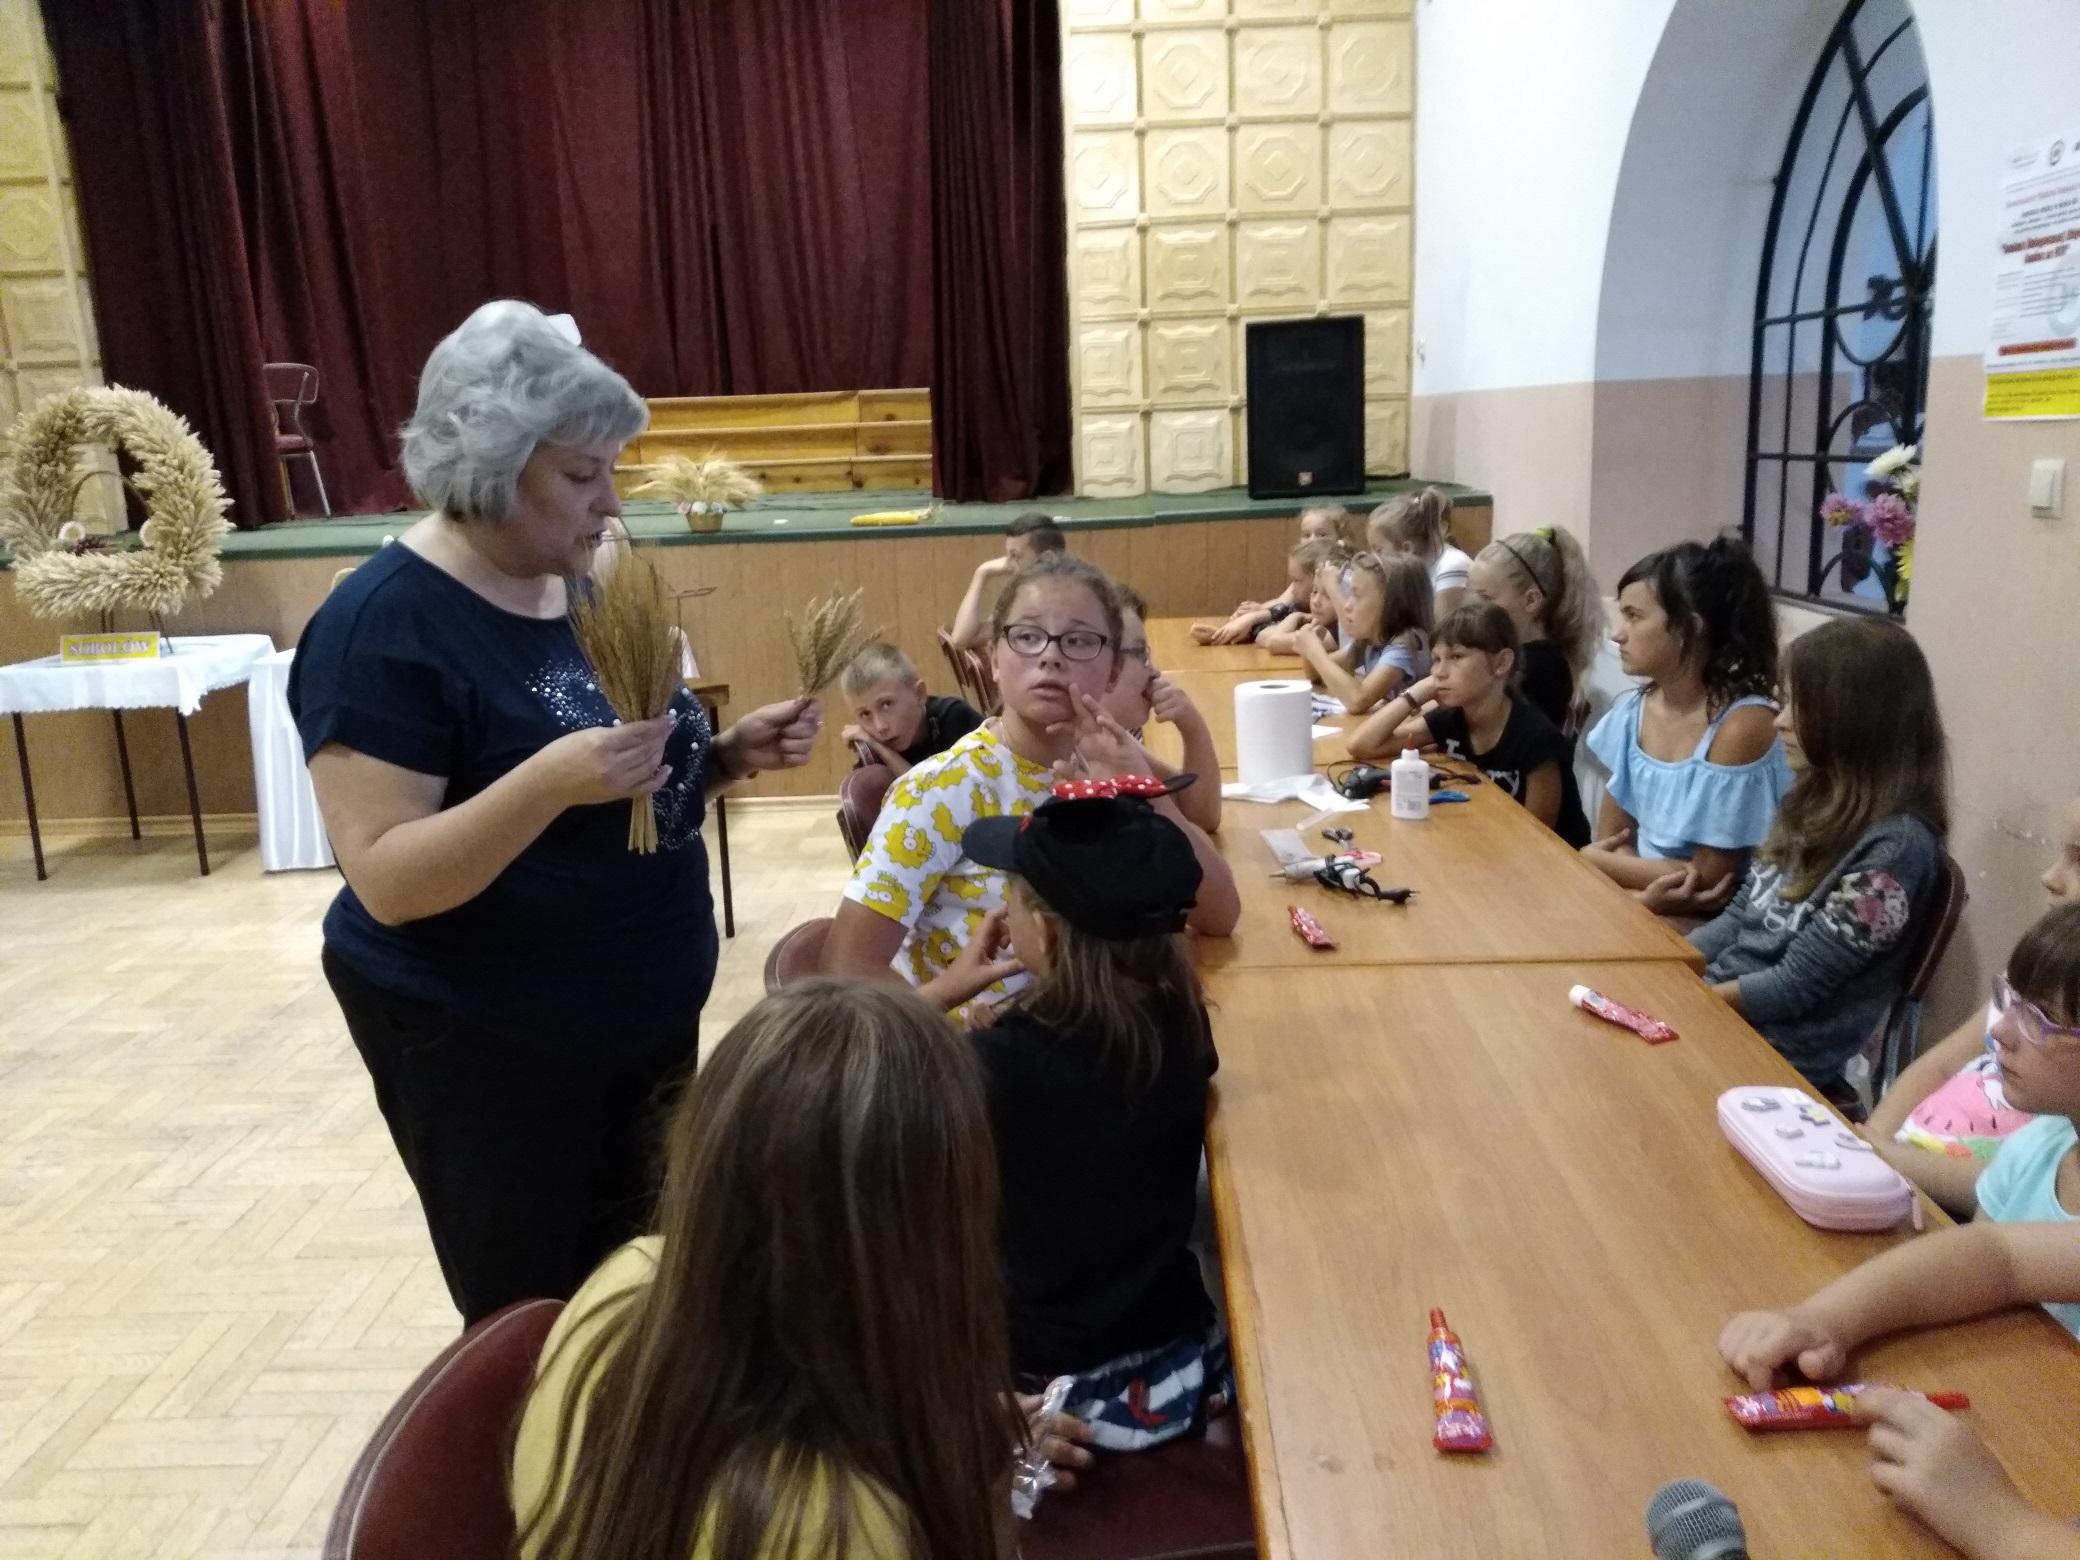 duża sala. Pod ścianą równolegle do niej ustawiono kilka stołów, przy których siedzą dzieci. Obok nich stoi kobieta. Trzyma w dłoniach dwie wiązki zboża